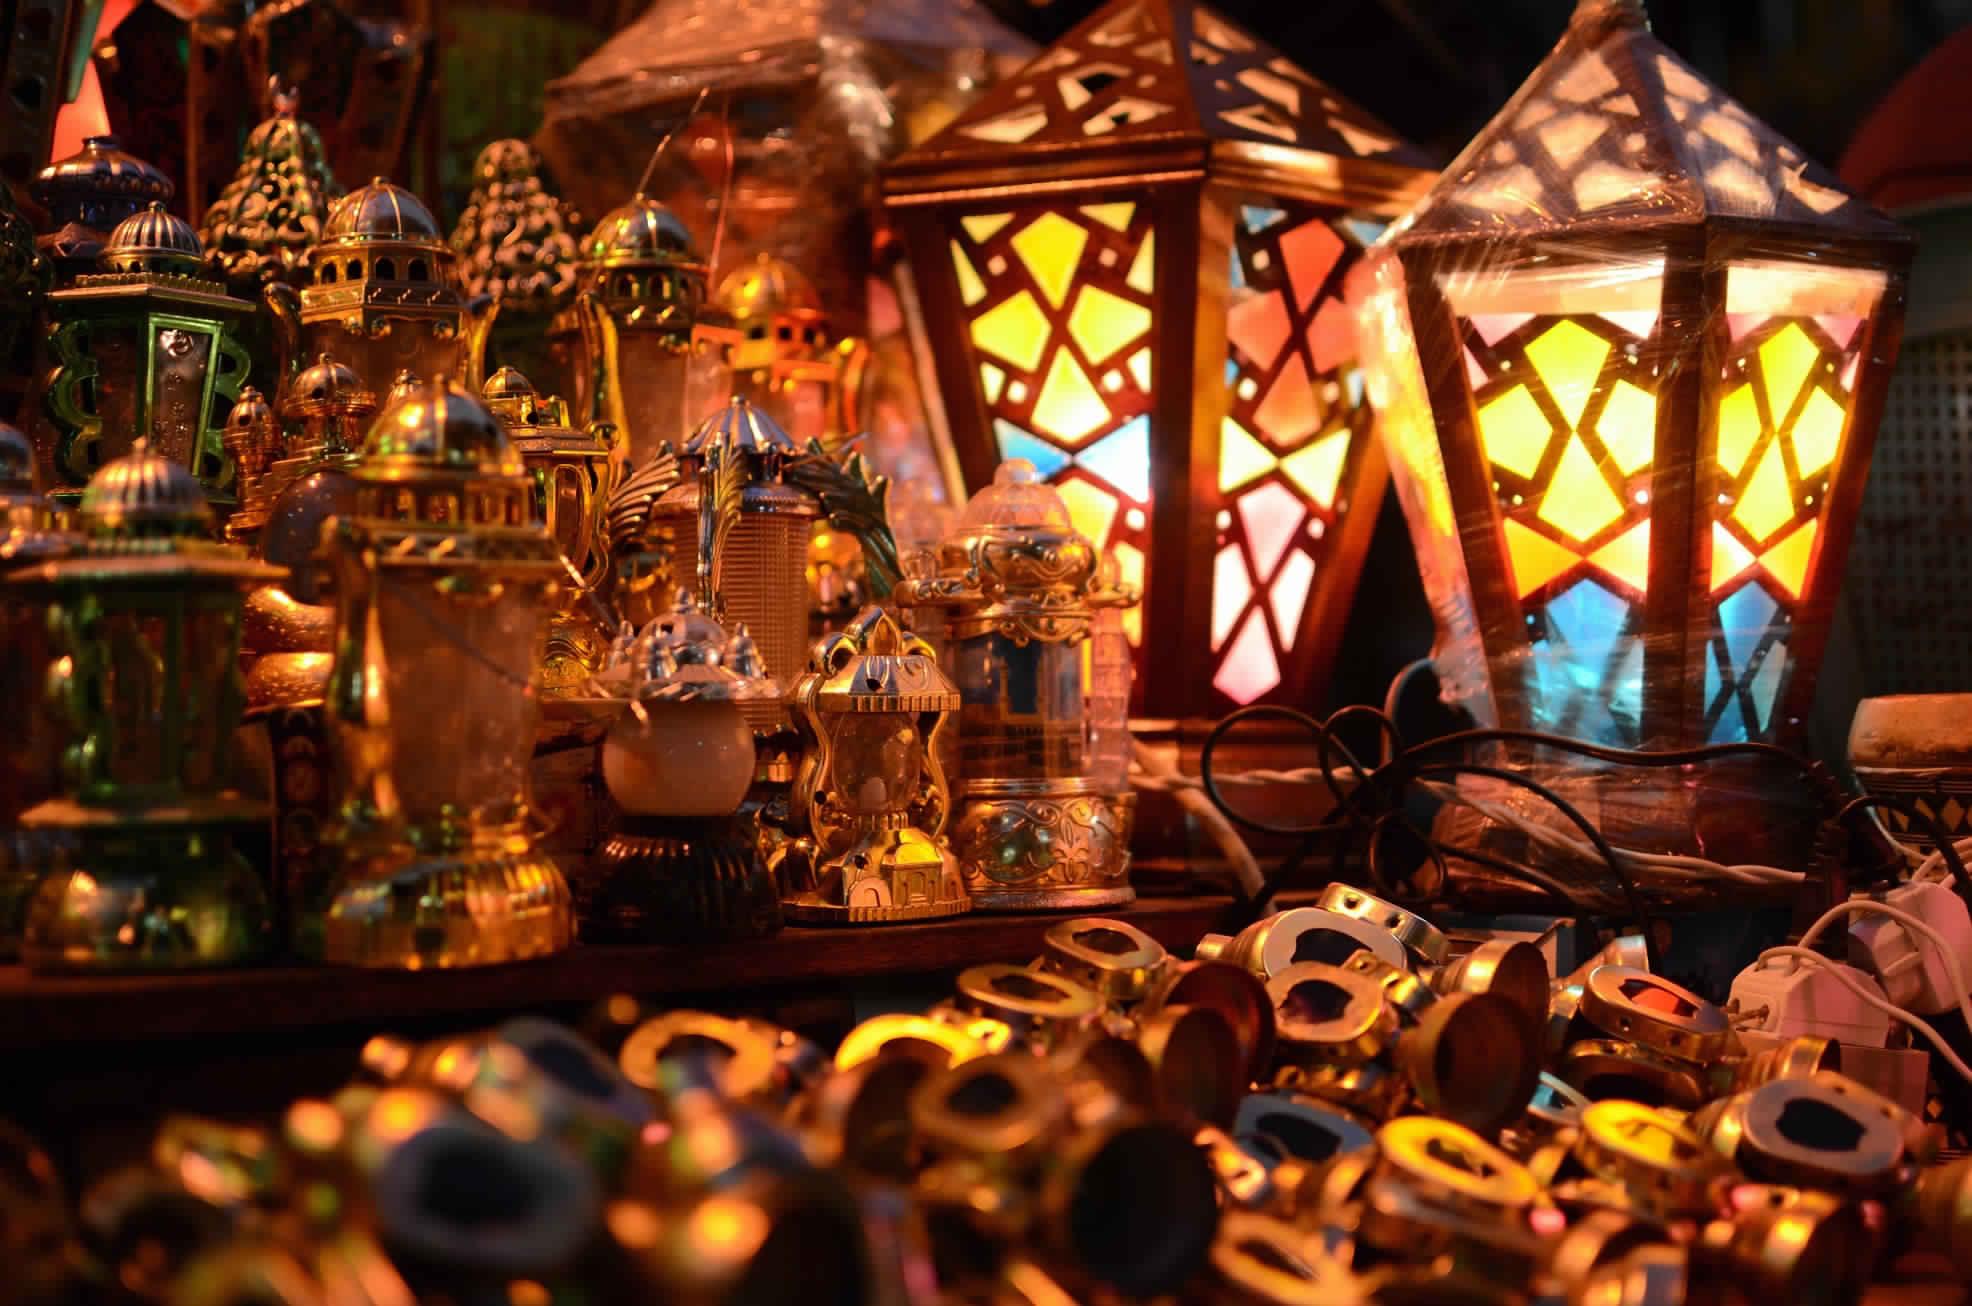 فوانيس شهر رمضان والزينة منين تشتري الأجمل والأرخص وتستمتع بفن بجد 8-C